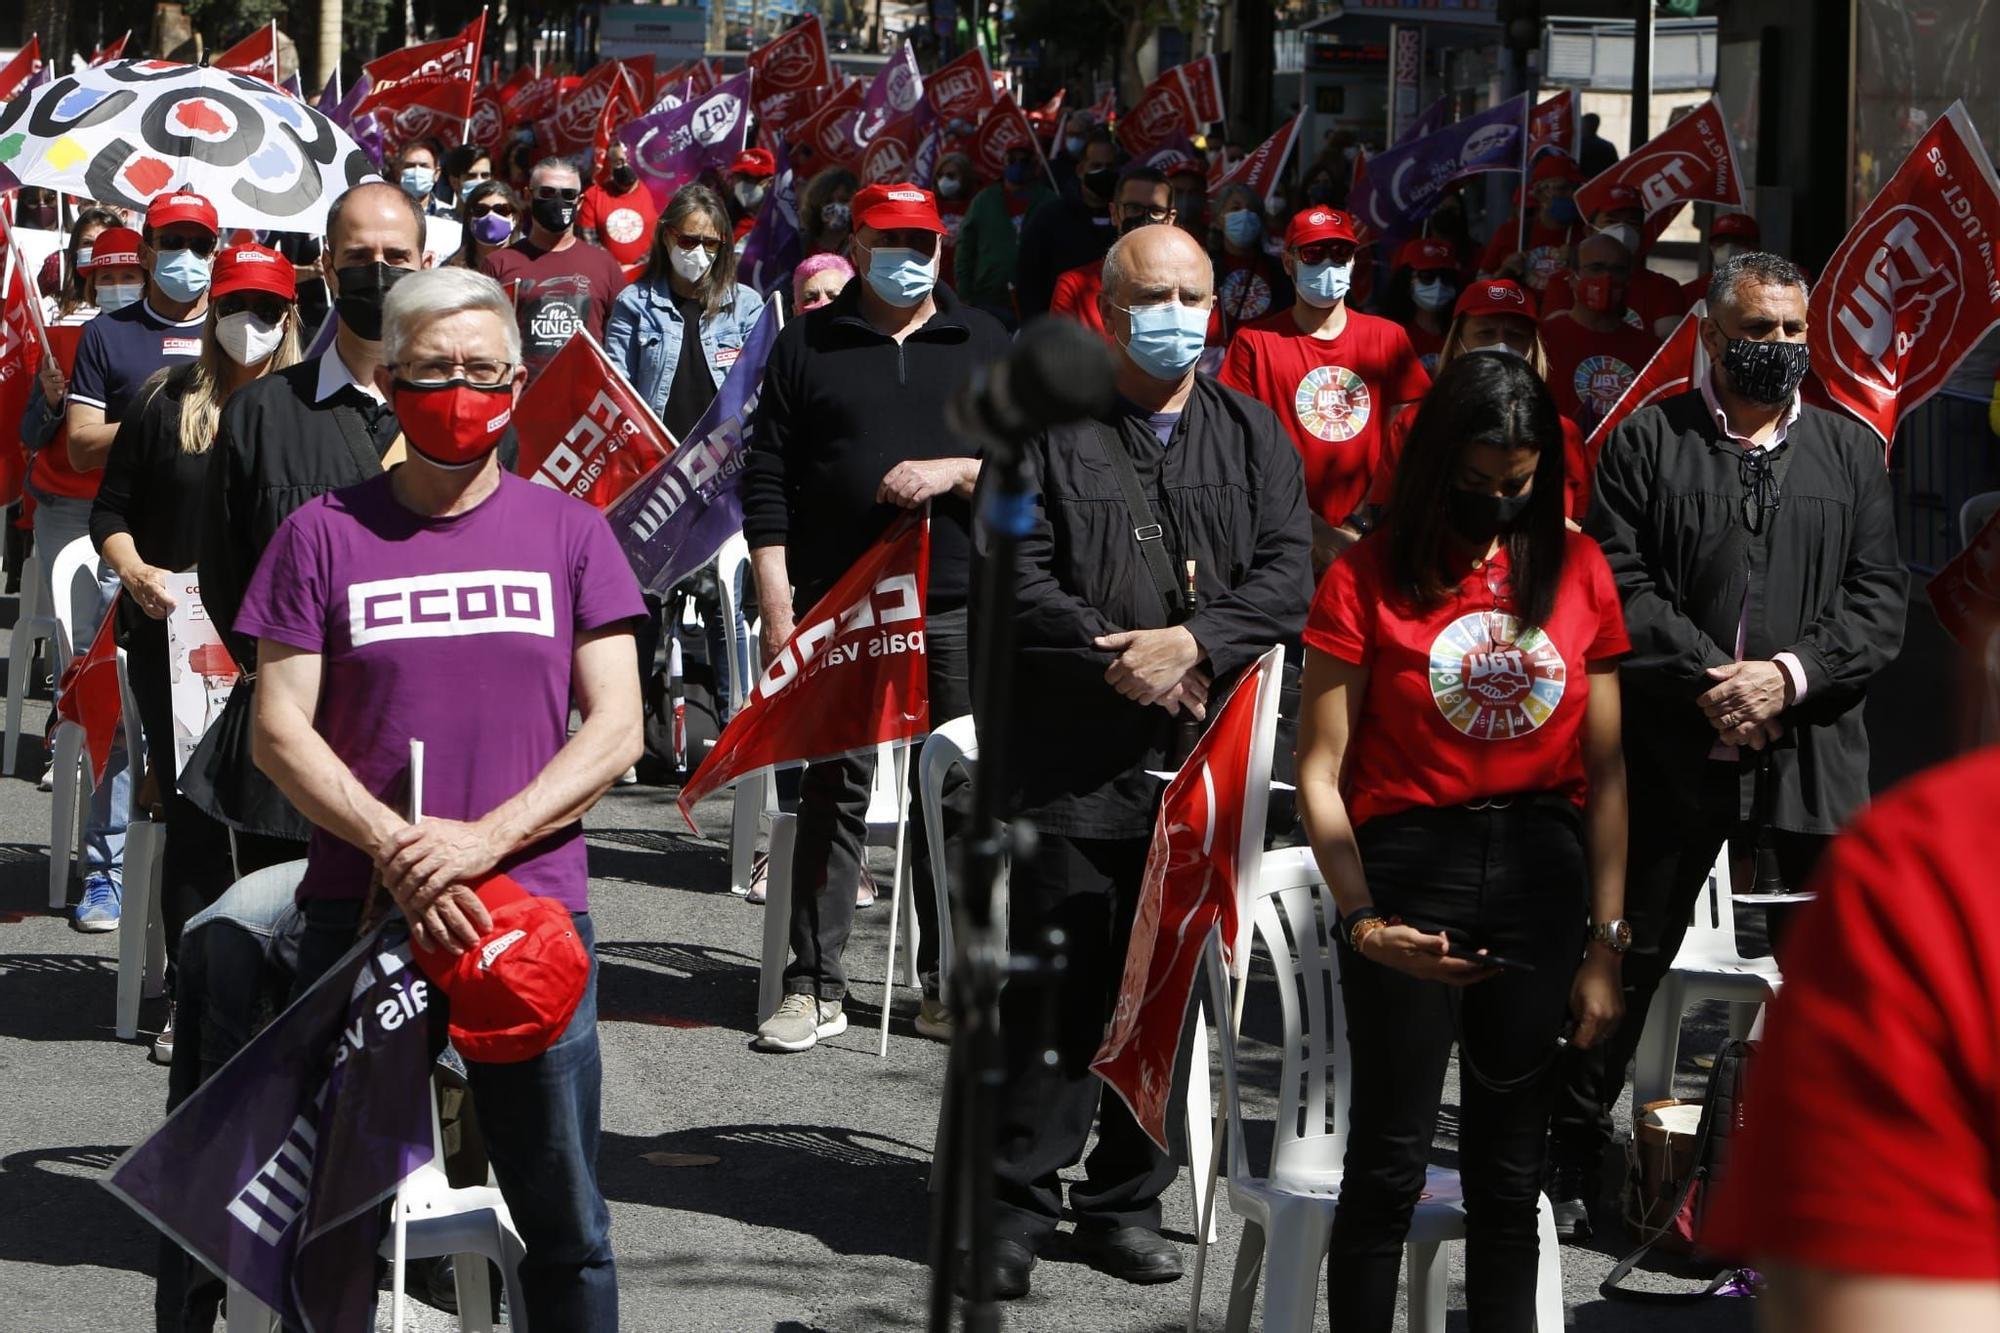 Celebración del 1 de mayo, Día de los Trabajadores, en Alicante